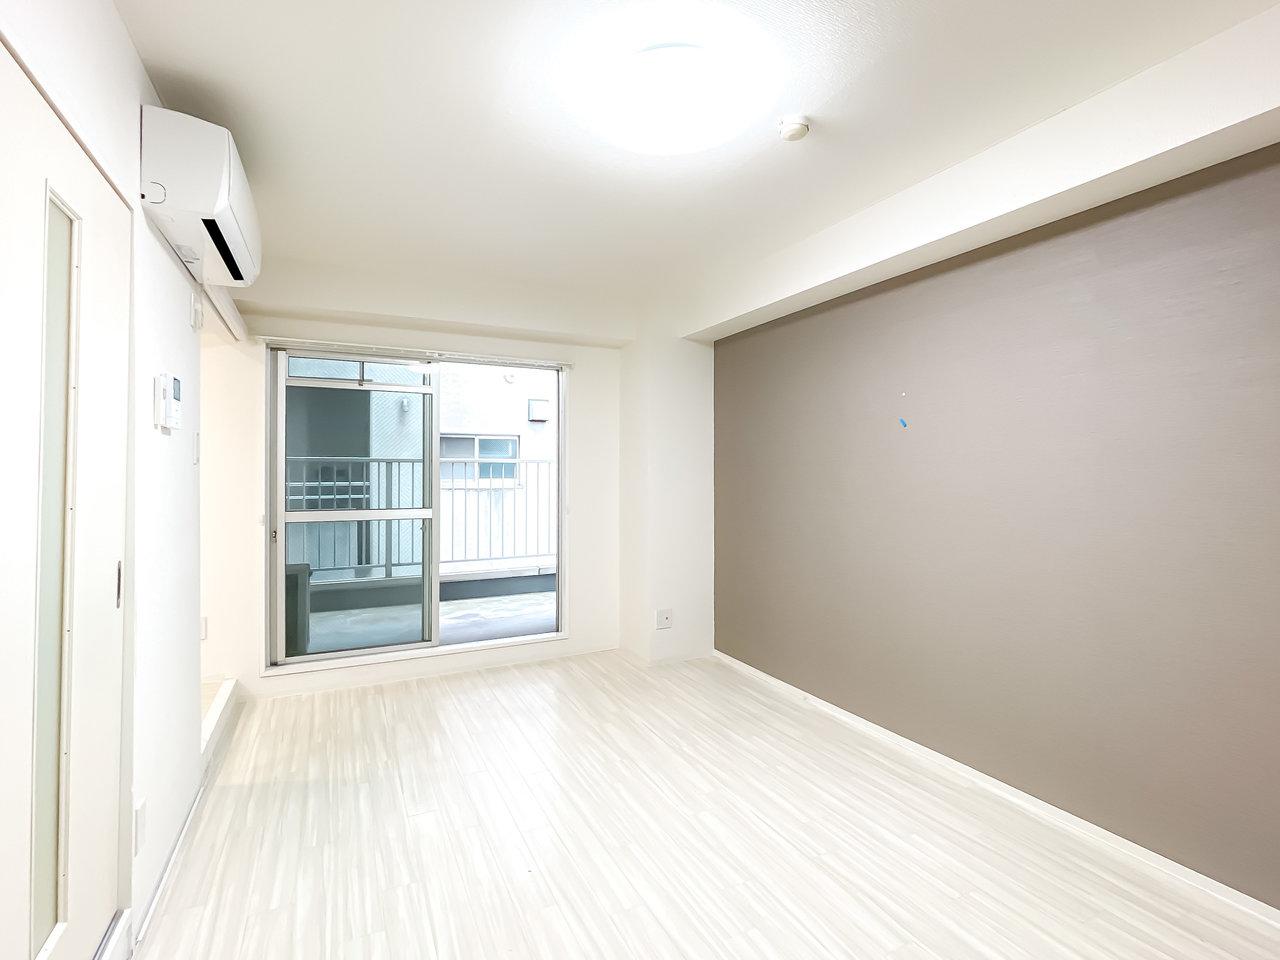 久屋大通駅から徒歩4分。立地が良いのにこのお家賃!新築ならもっと相場が高くなりますが、リノベーションだからこその価格で借りることができますよ。